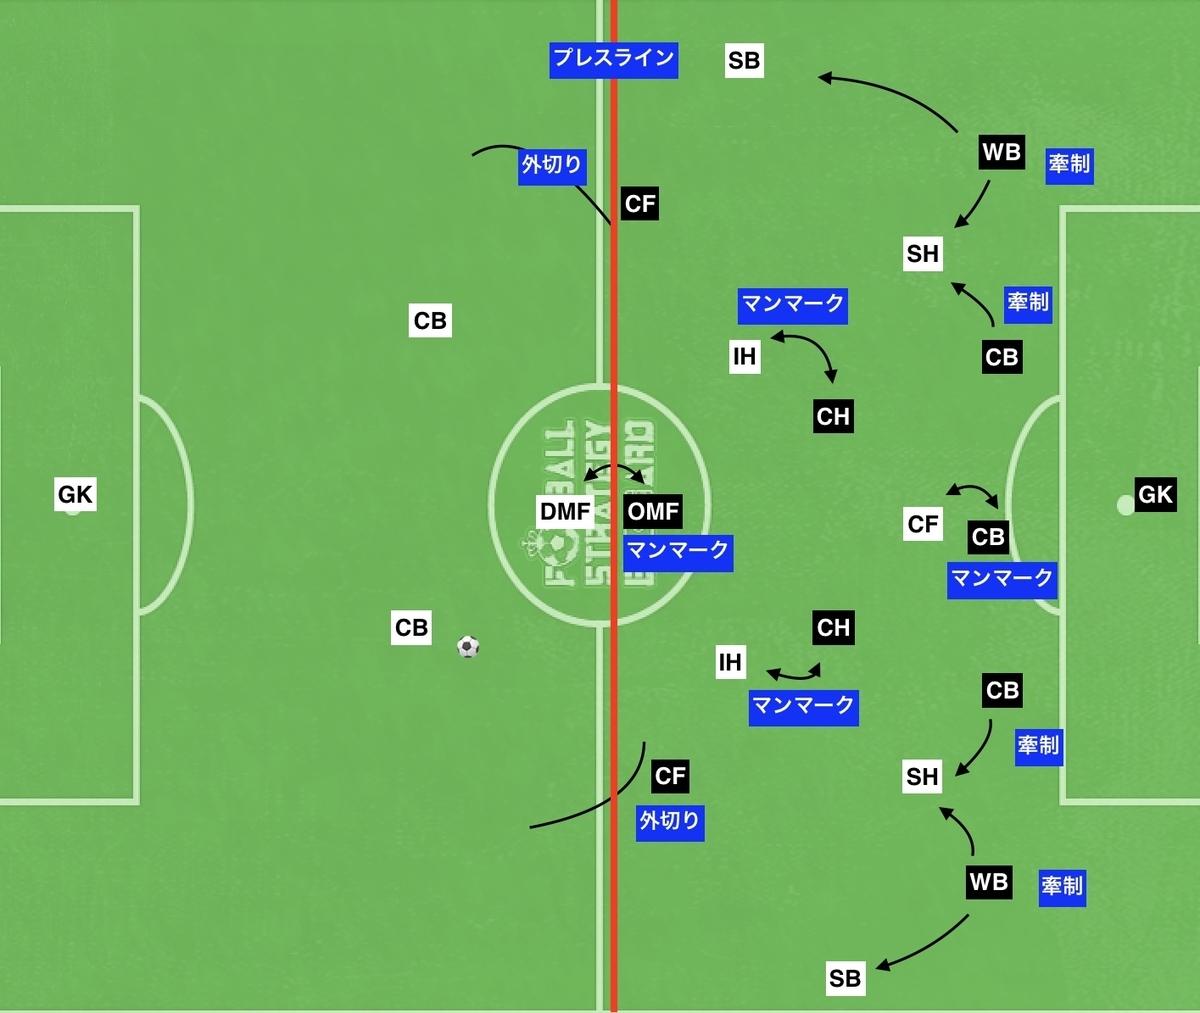 f:id:football-analyst:20191110184652j:plain